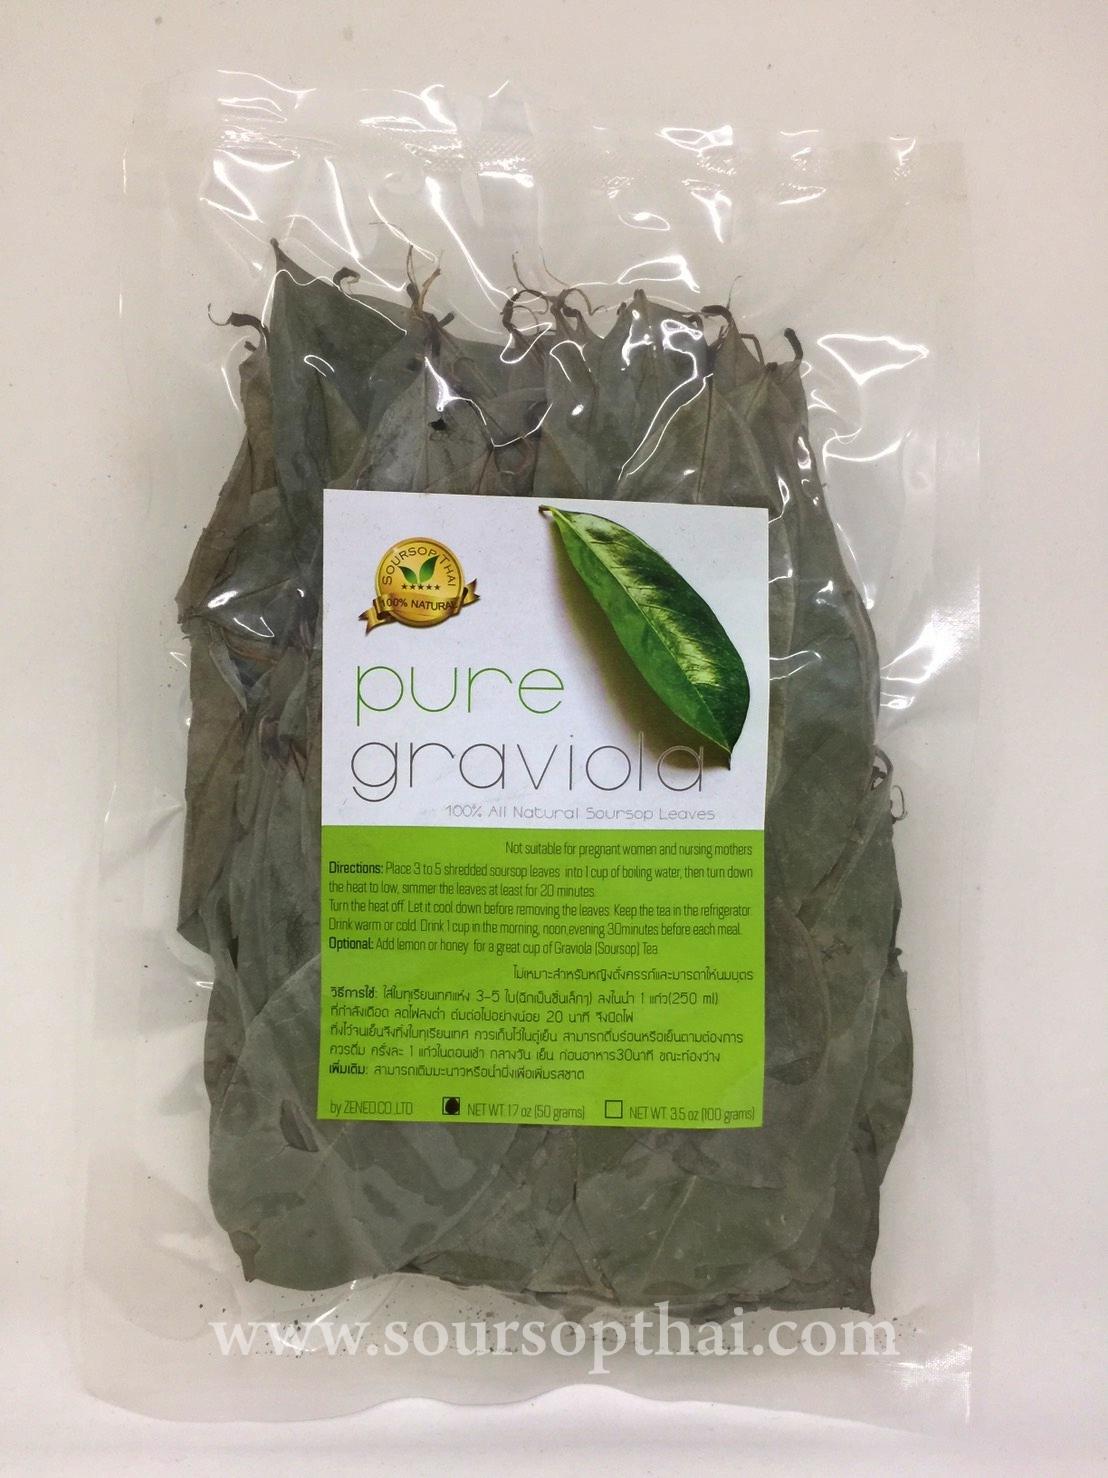 ใบทุเรียนเทศแห้ง สำหรับต้มเป็นชา 50 กรัม (Air Dried Soursop Leaves 50 Grams)